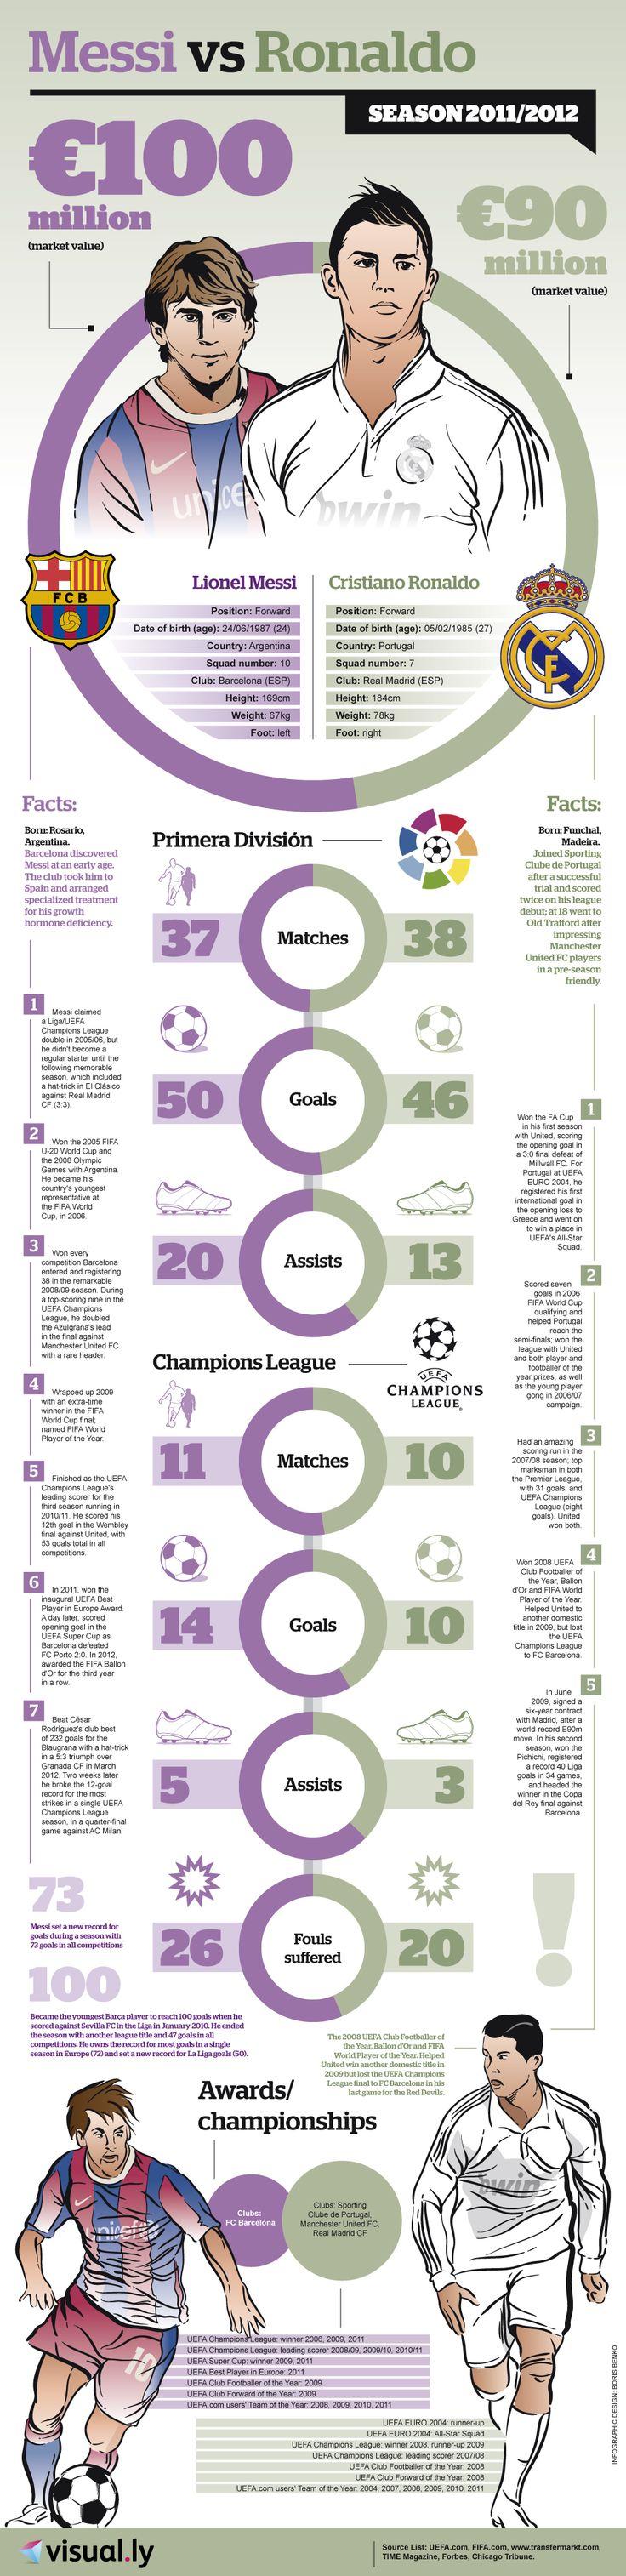 Après la saison folle du Barça et du Real, il est venu temps de comparer les bilans de leur joueur phare : Messi et Ronaldo. Et pour cela, quoi de mieux qu'une infographie ?